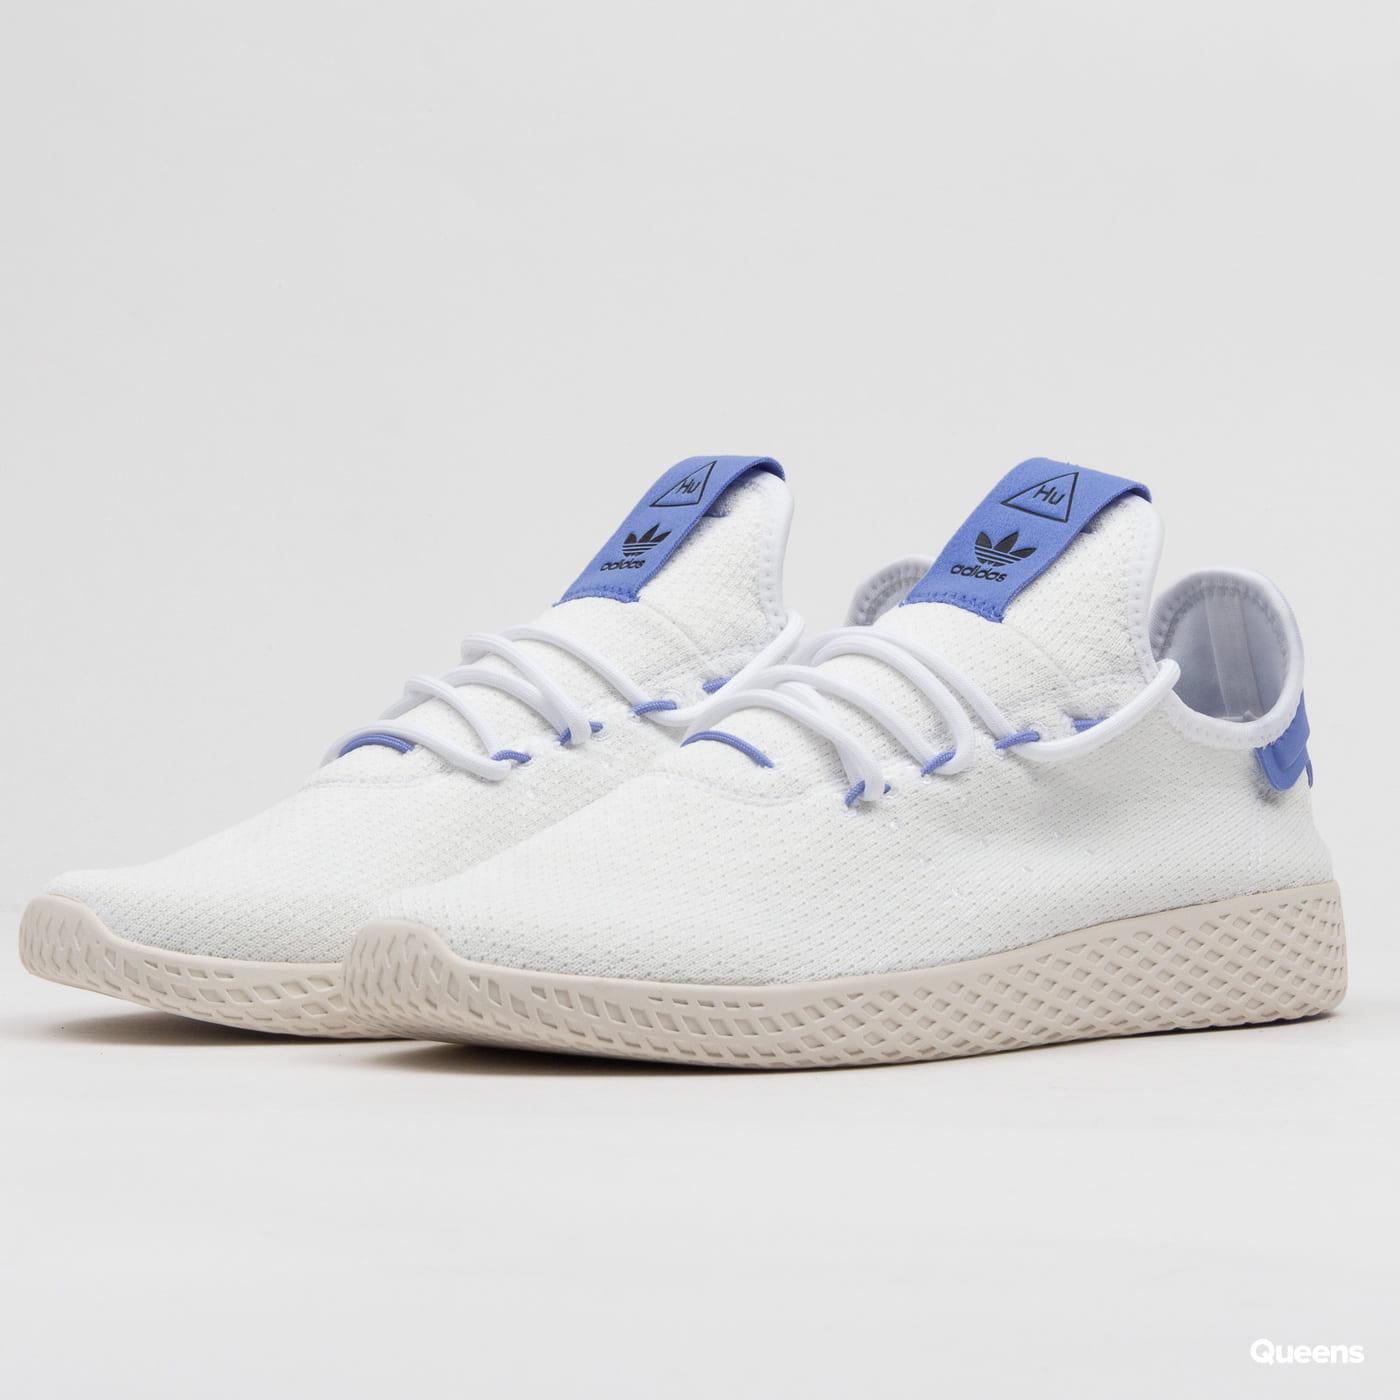 8b18c1f1d0 adidas Originals Pharrell Williams Tennis HU ftwwht / realil / cwhite